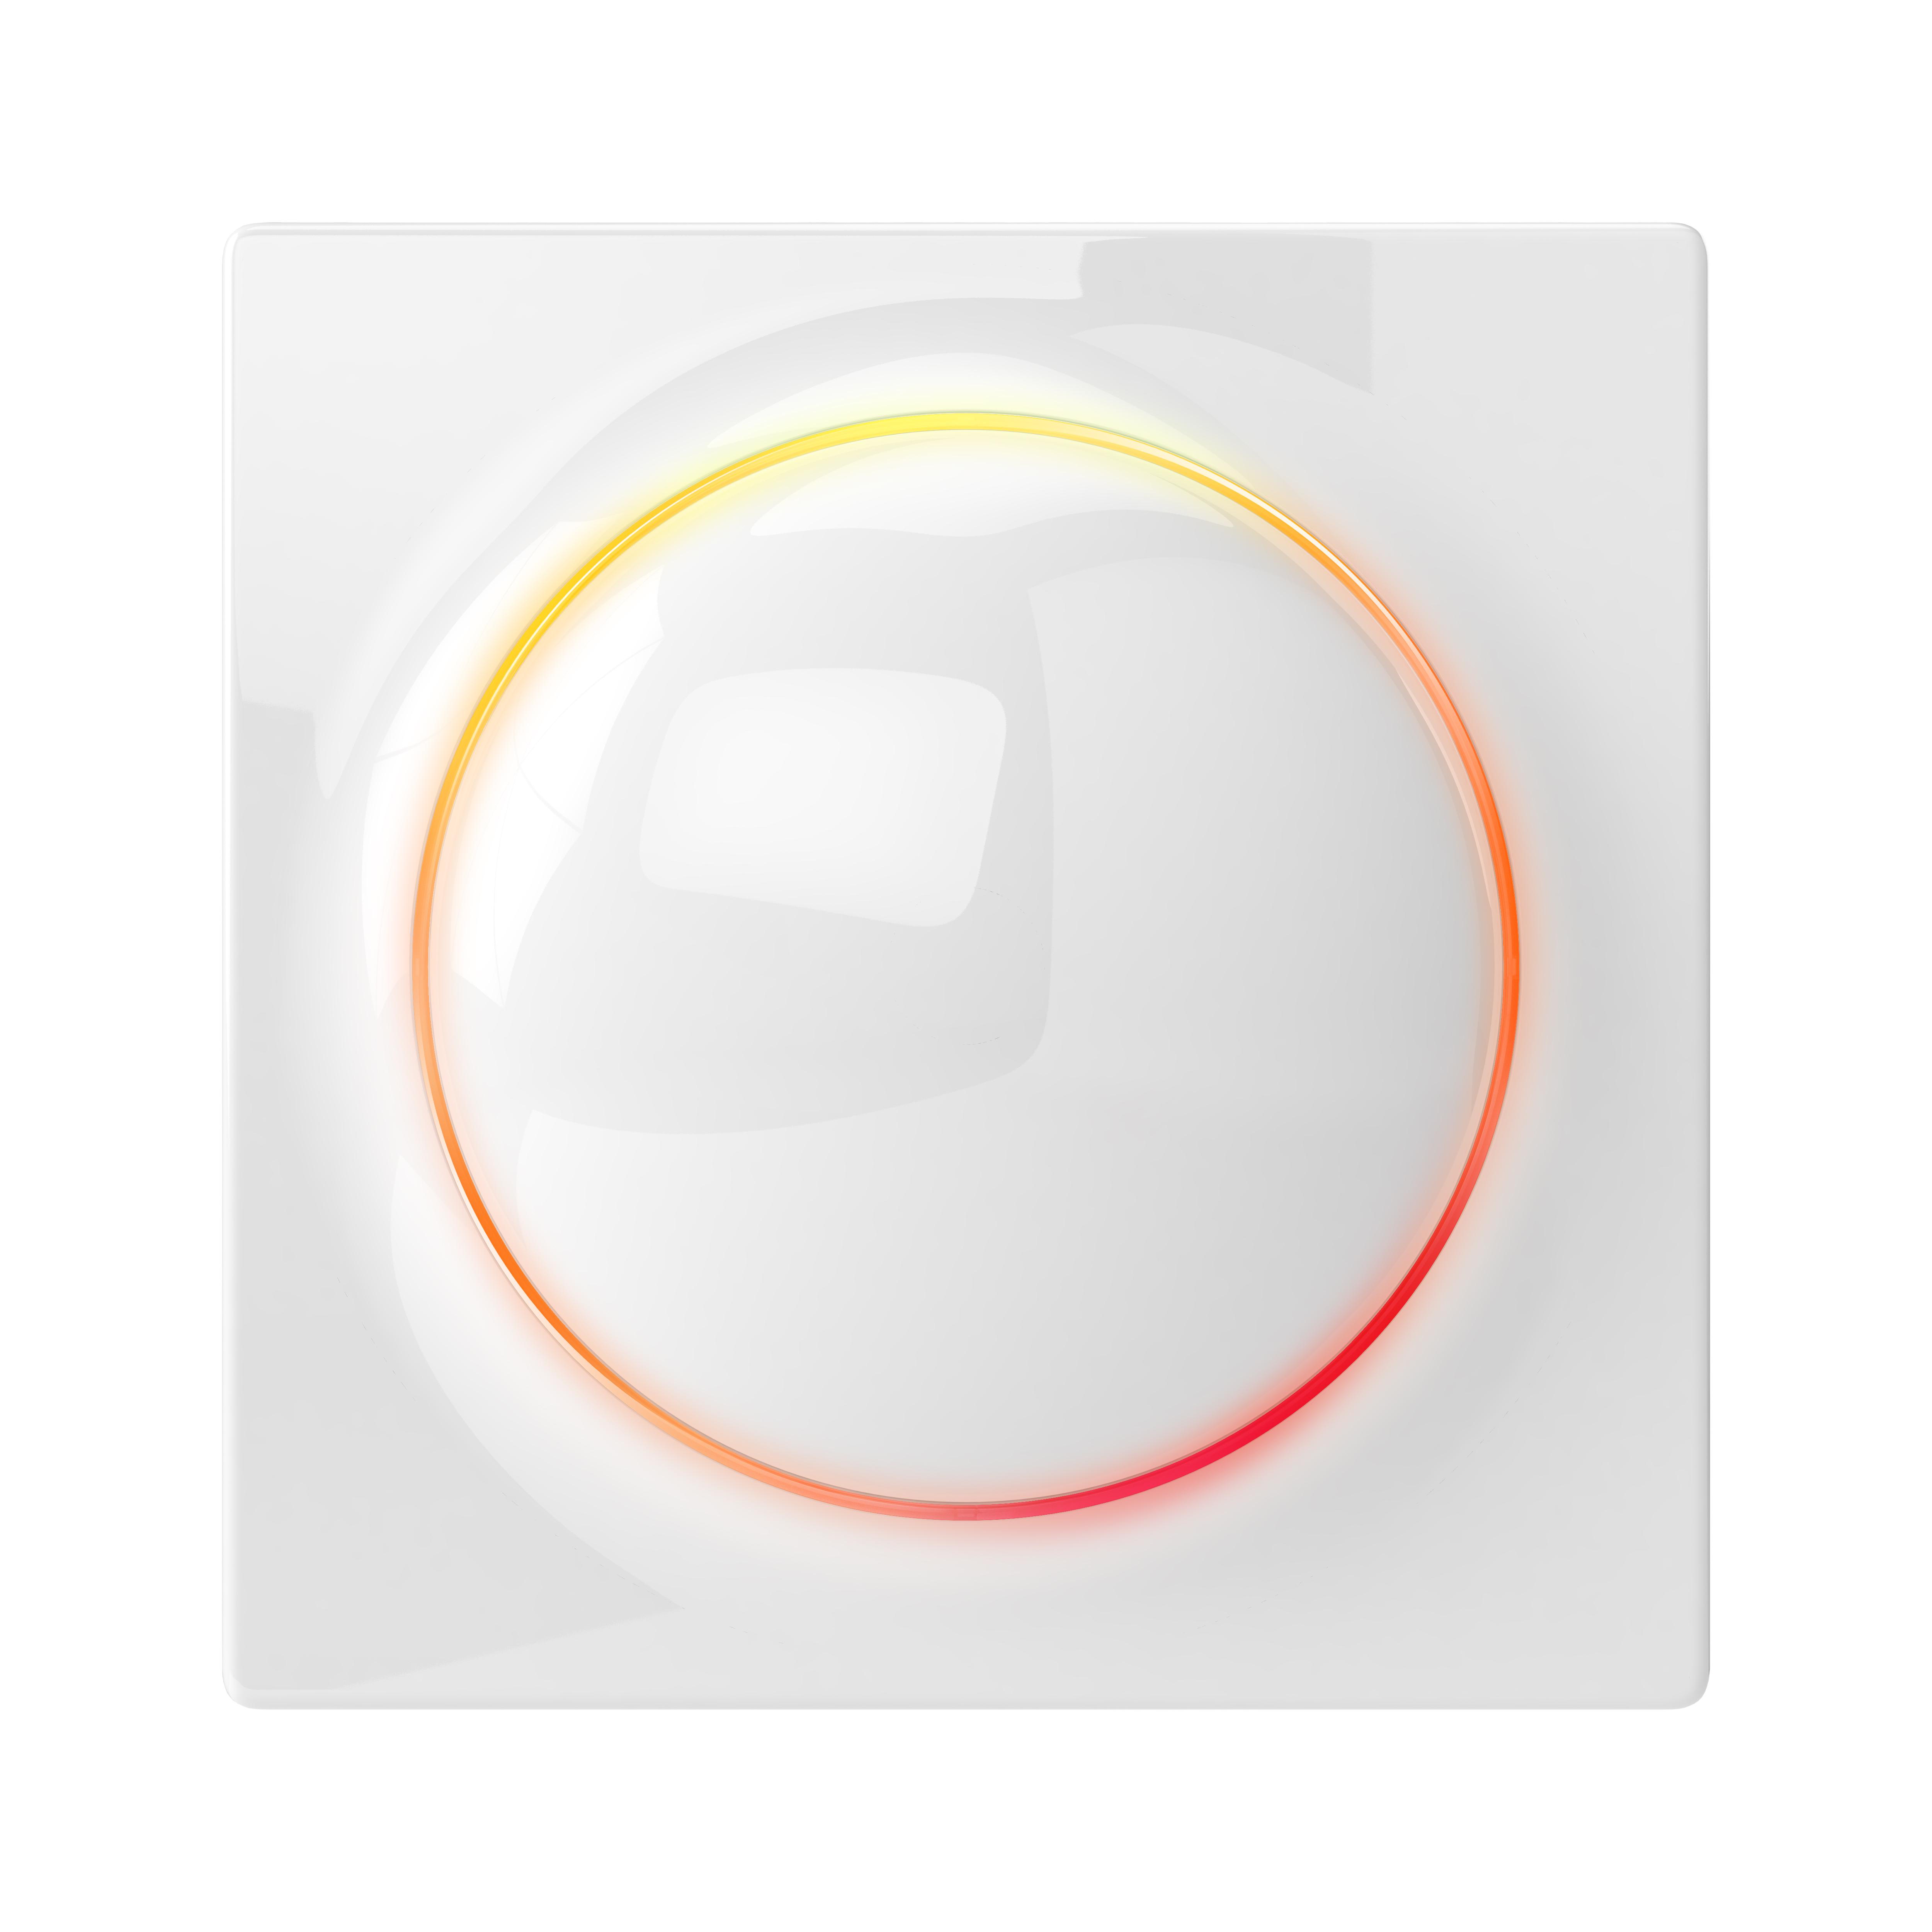 Выключатель Z-Wave FIBARO Walli Switch — FGWDSEU-221, Количество каналов: 2, Питание: 220В, Цвет: Белый